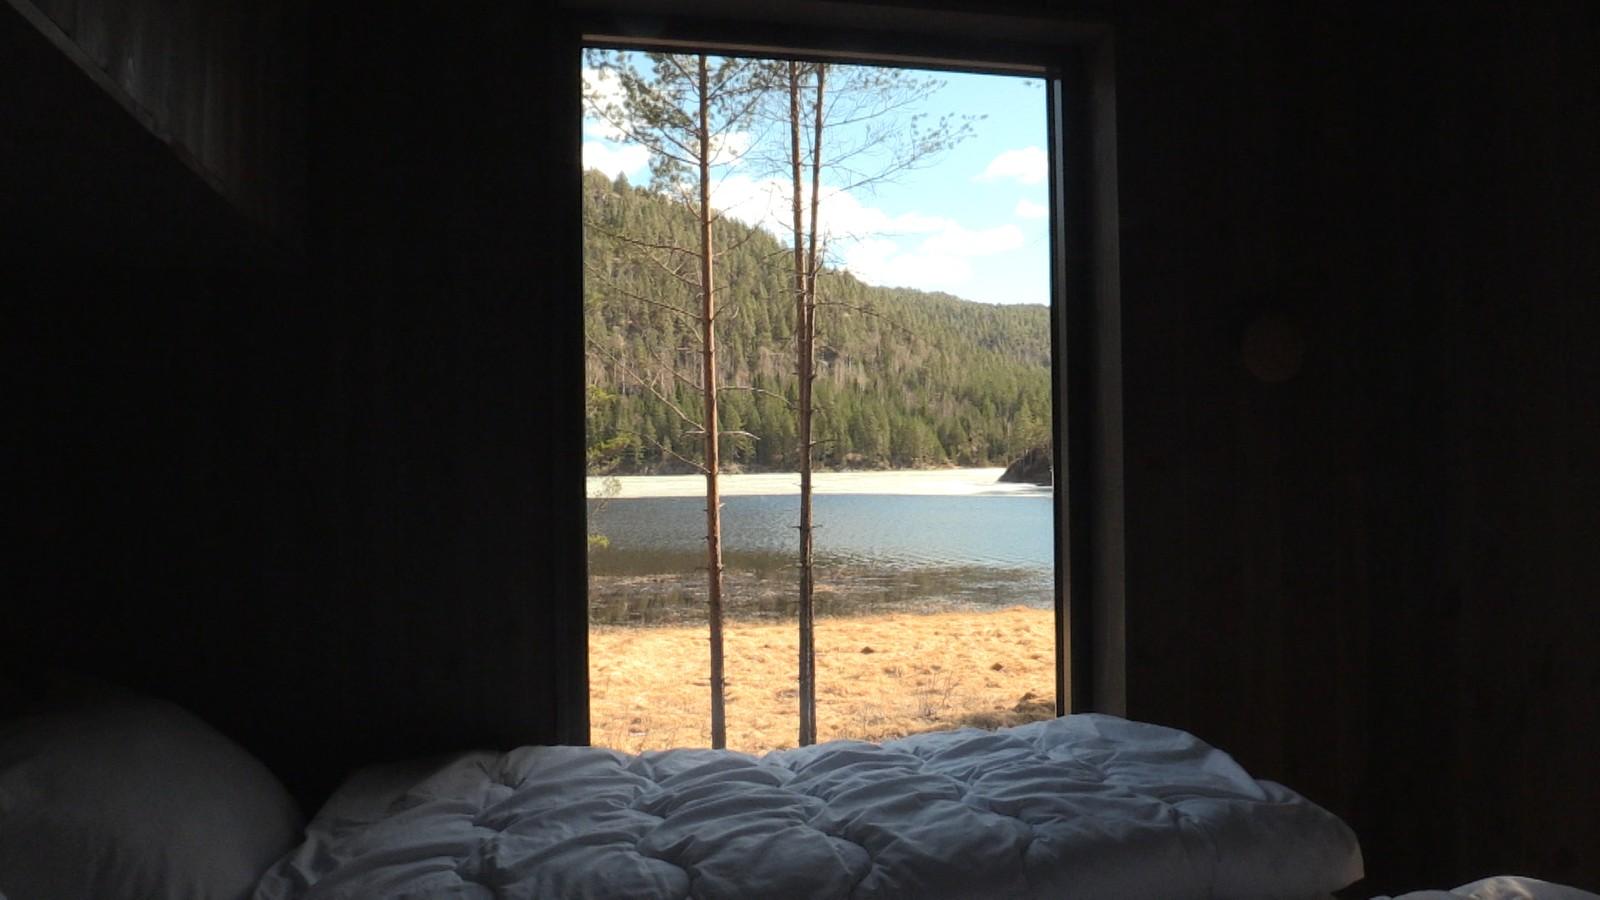 Utsikt fra seng på Kråkeslottet. Lundvann rett utenfor.